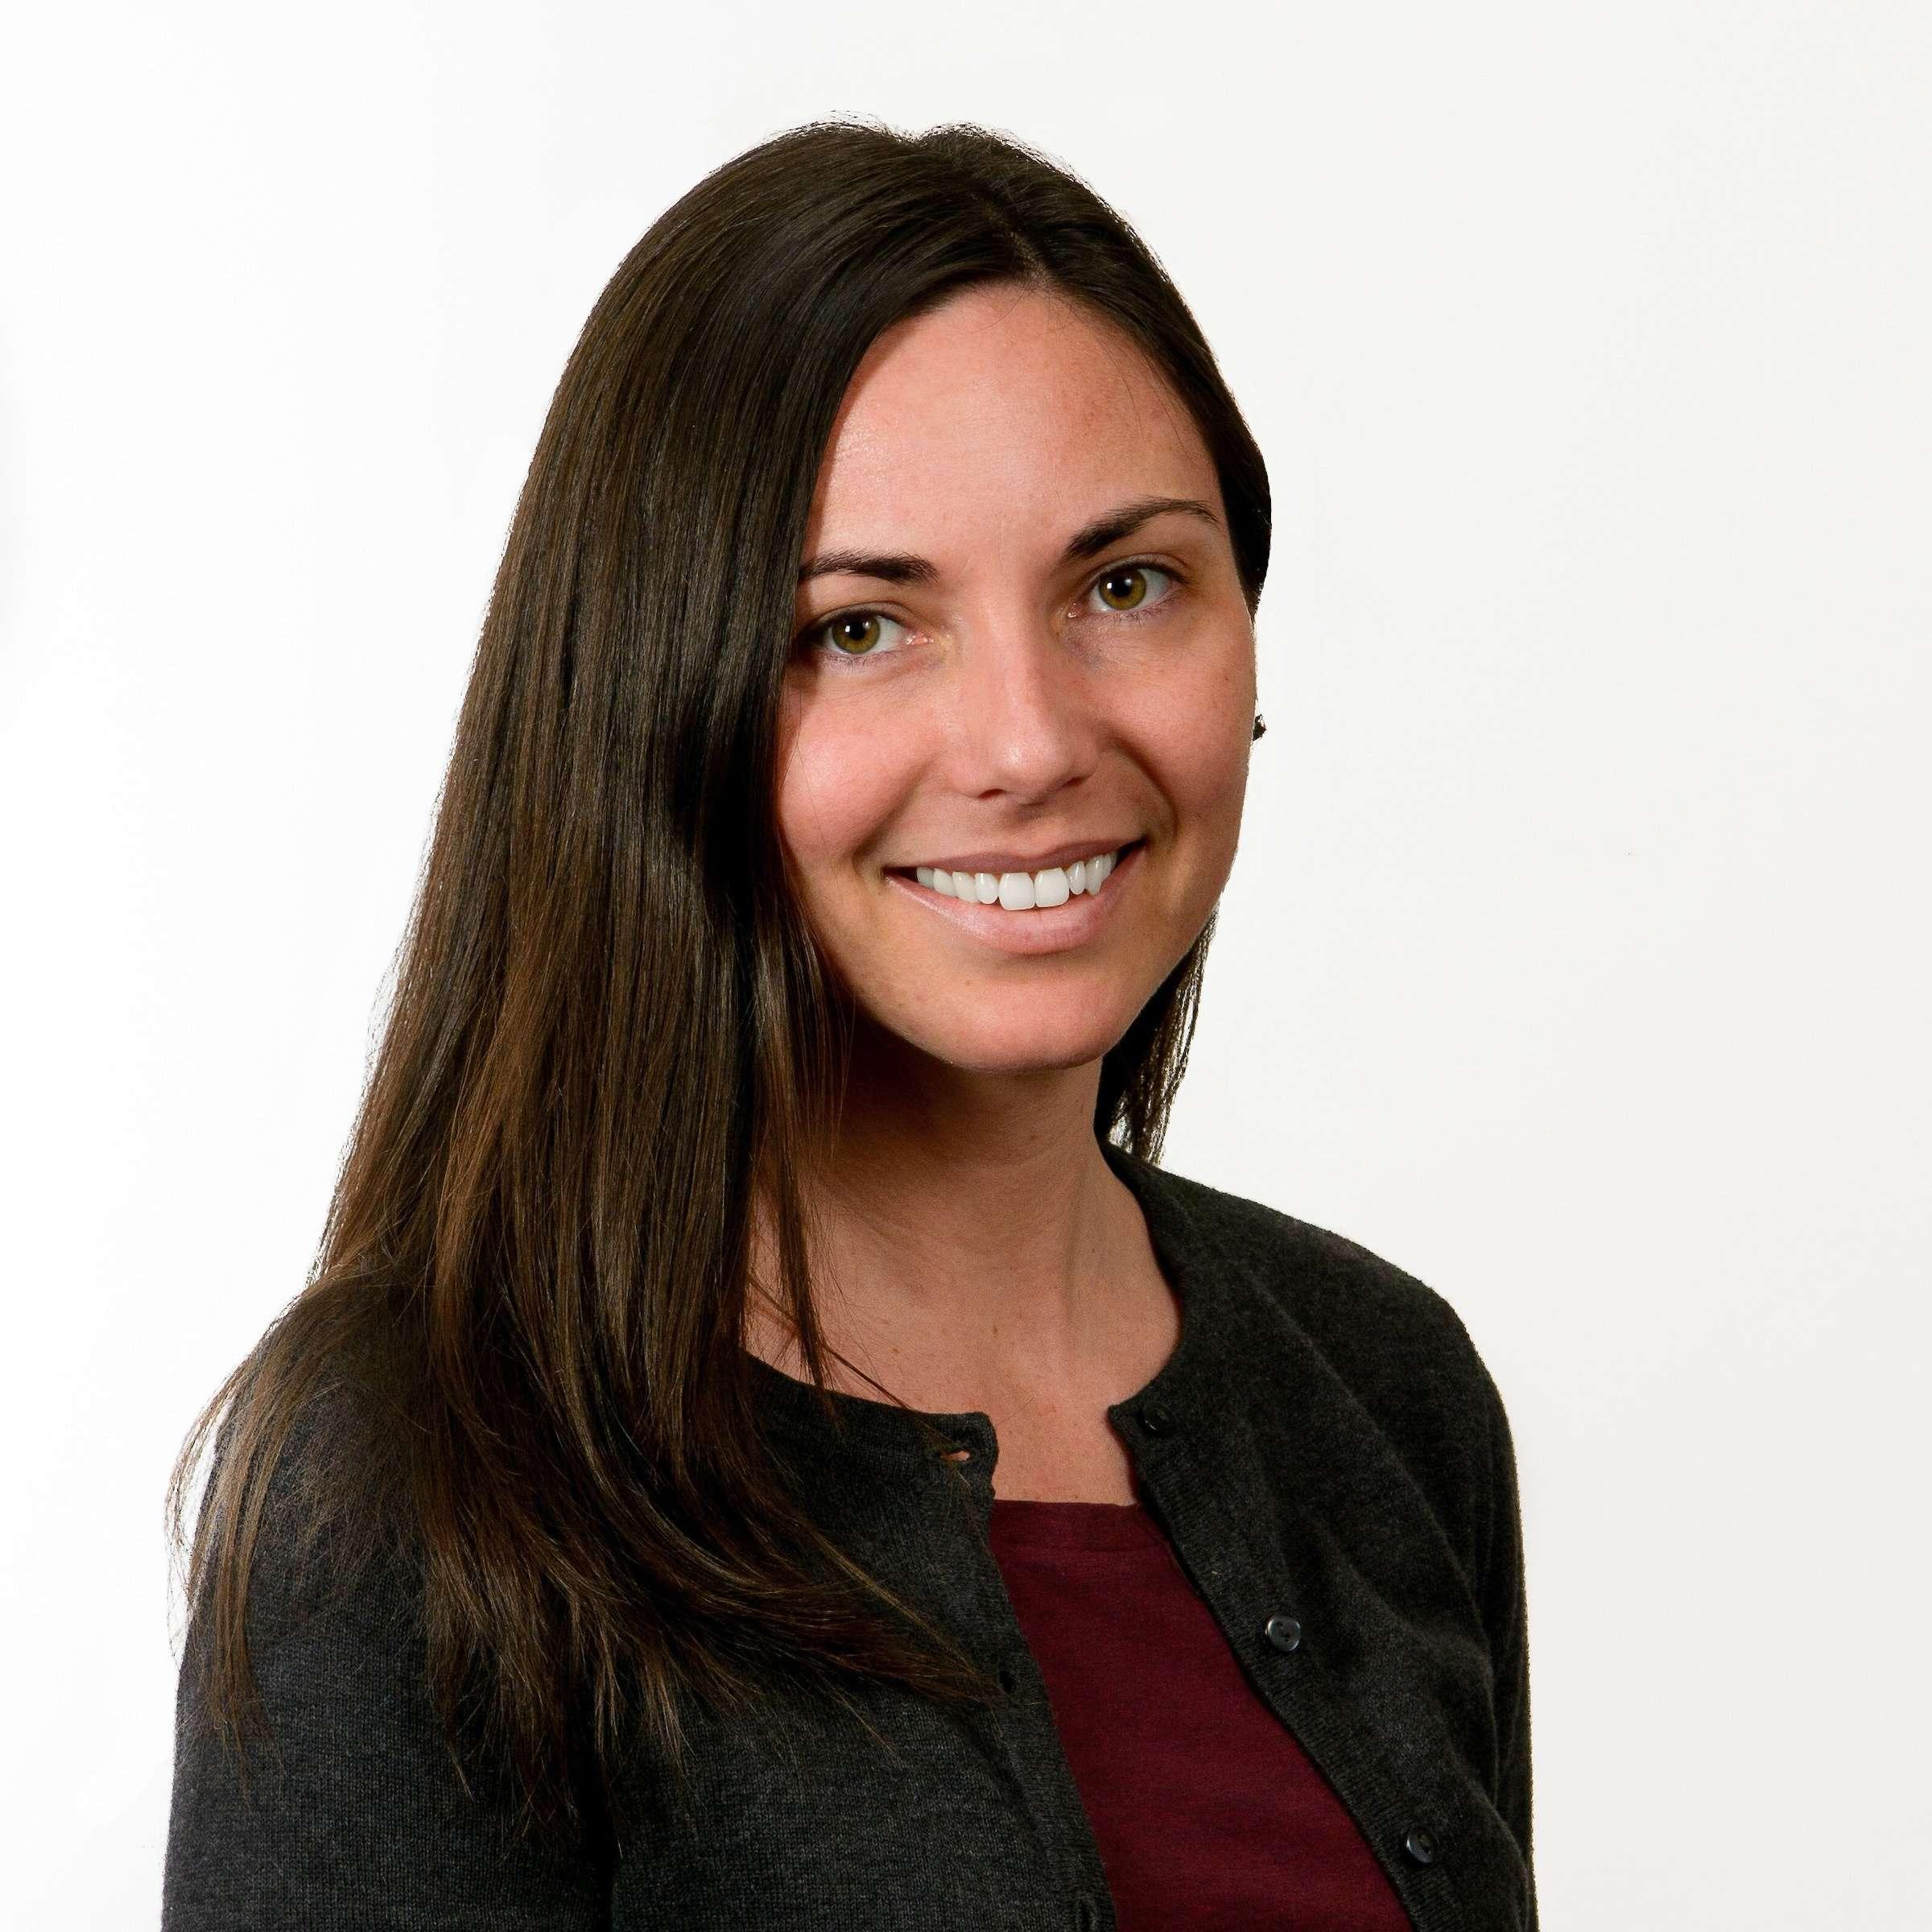 Chrissie Bausch